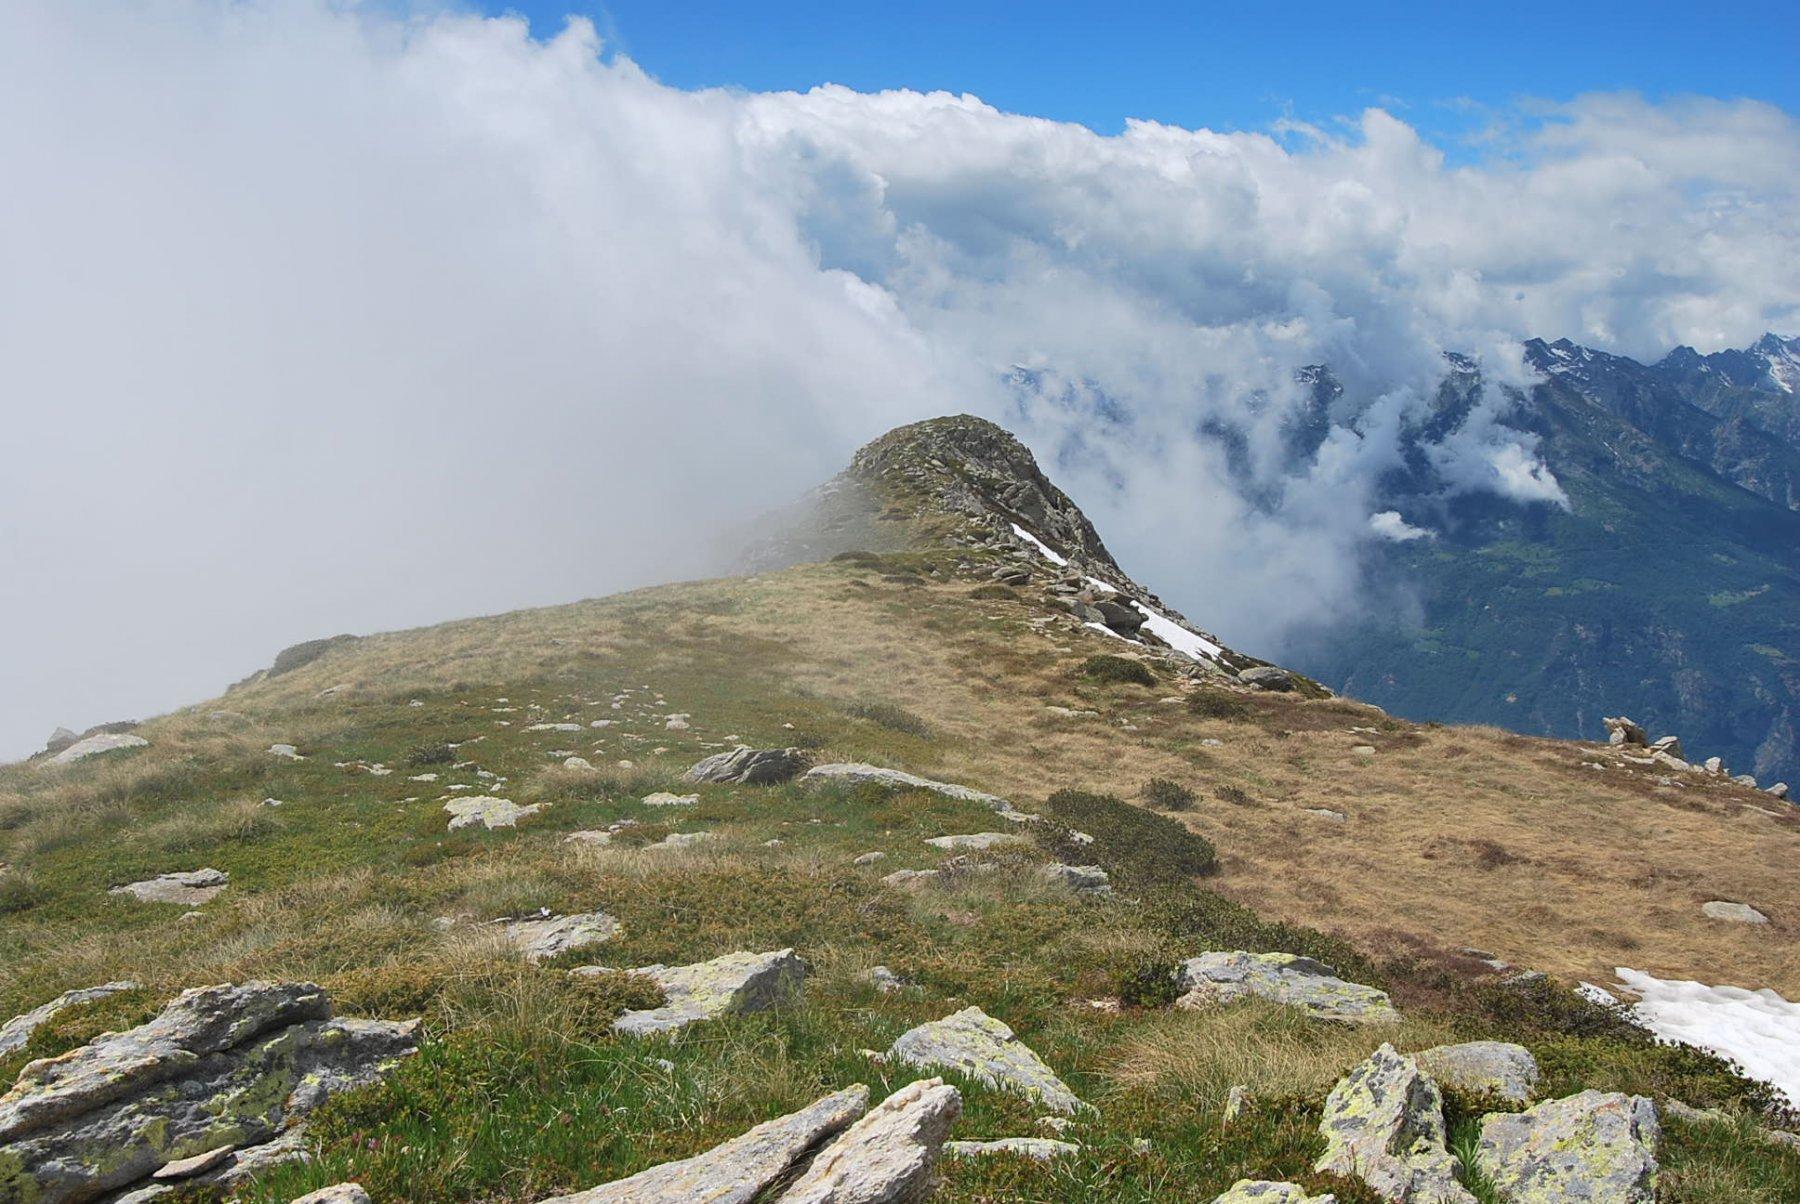 Sguardo verso il Cavalgrosso dove la cresta spiana dopo la risalita dalla Bocchetta di Quarn